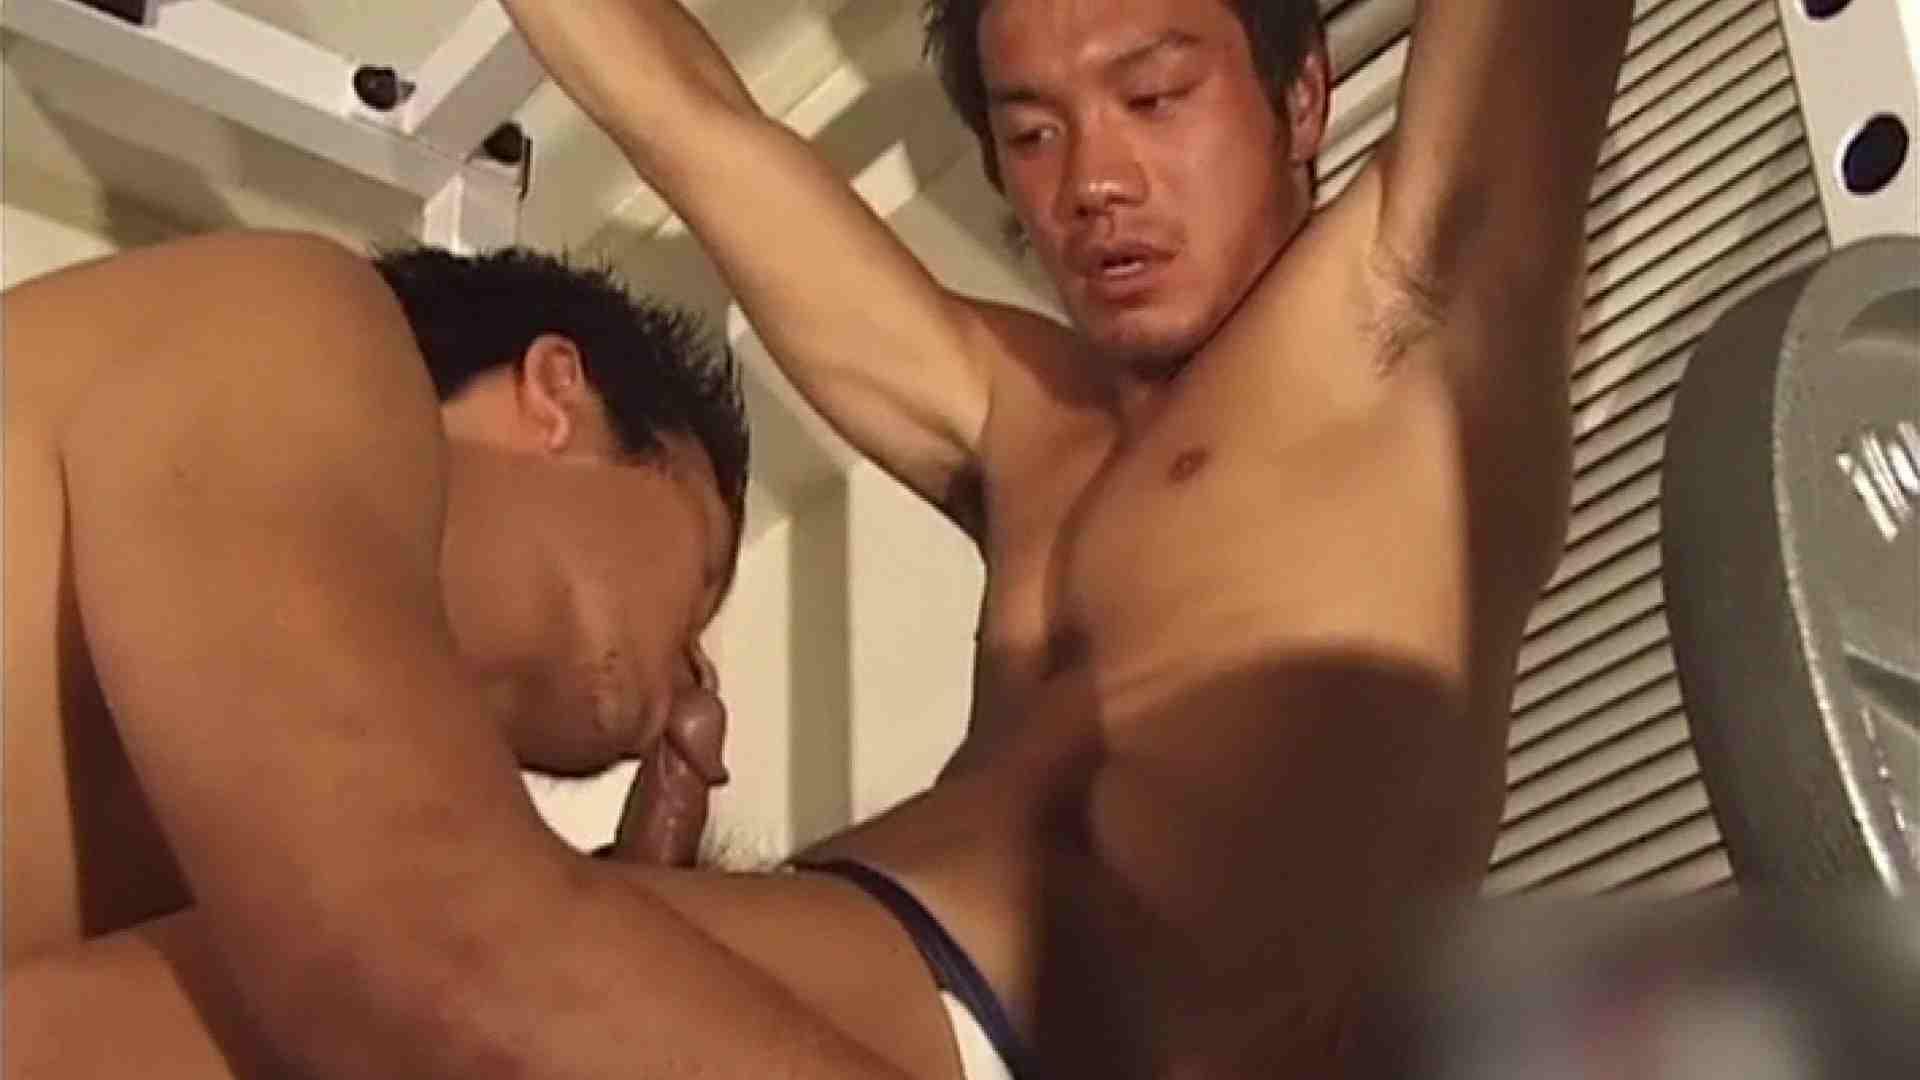 筋肉バカのおてぃんてぃんはほとんどゲイだからぁ…vol.3 人気シリーズ   水着ボーイズ  83pic 39